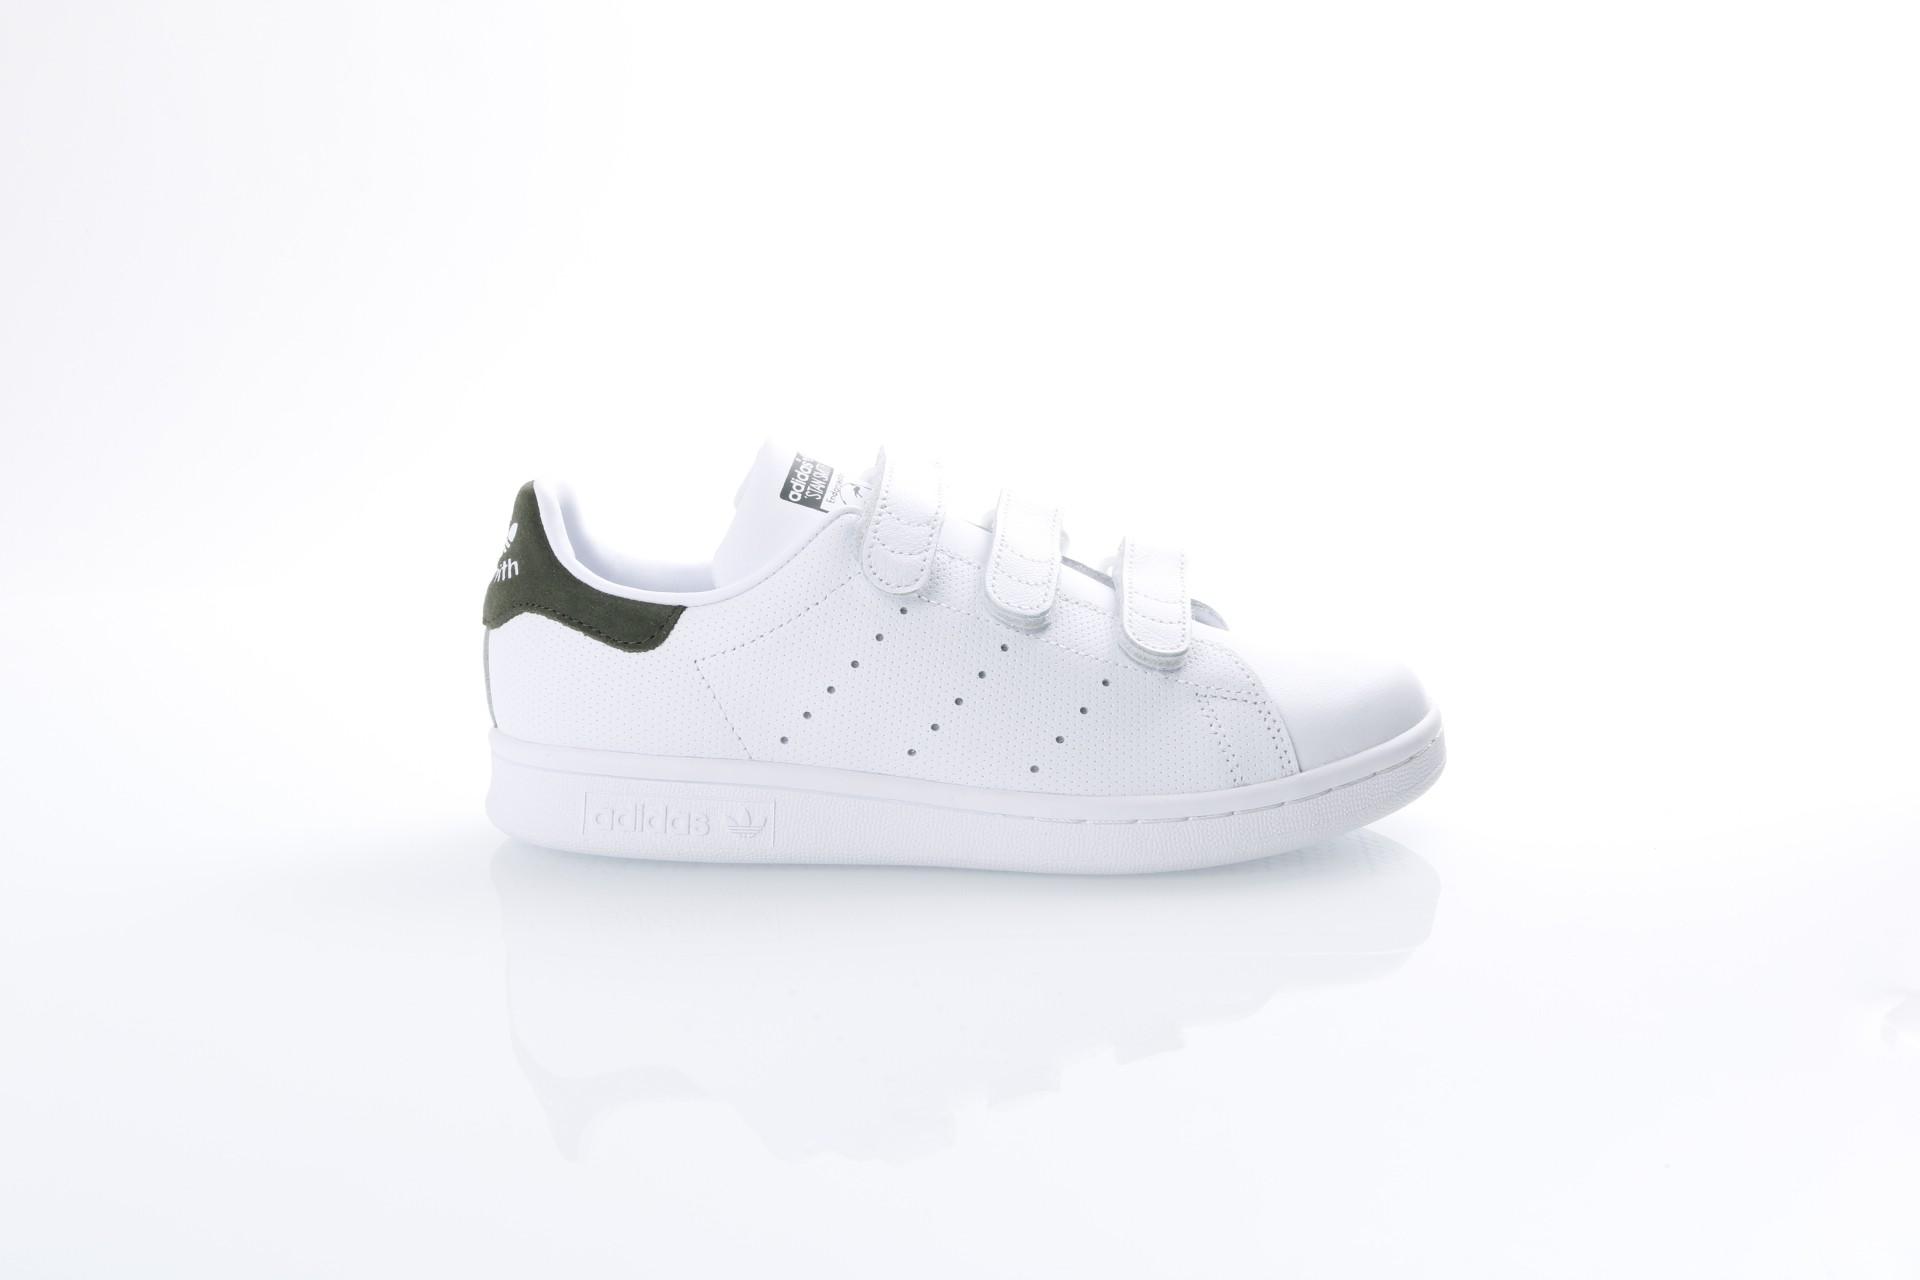 Afbeelding van Adidas Originals CQ2635 Sneakers Stan Smith cf Wit